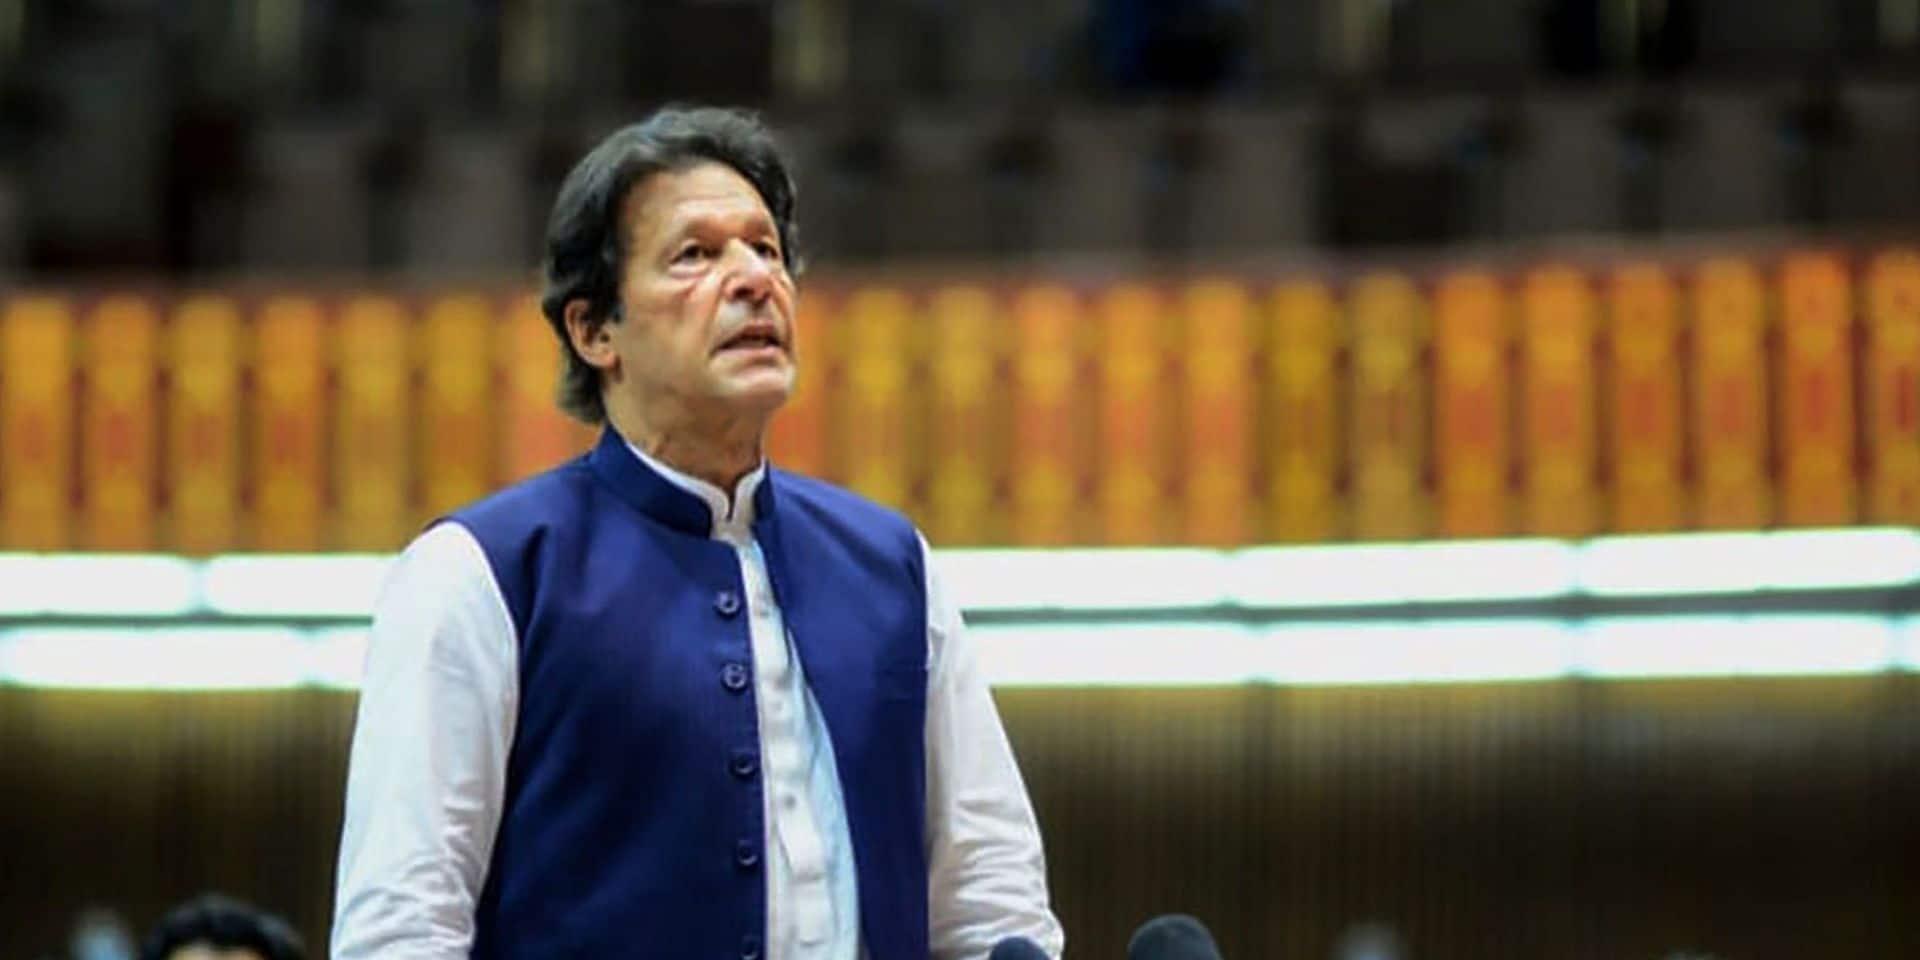 """Le Premier ministre du Pakistan qualifie Ben Laden de """"martyr"""" : des propos qui choquent"""